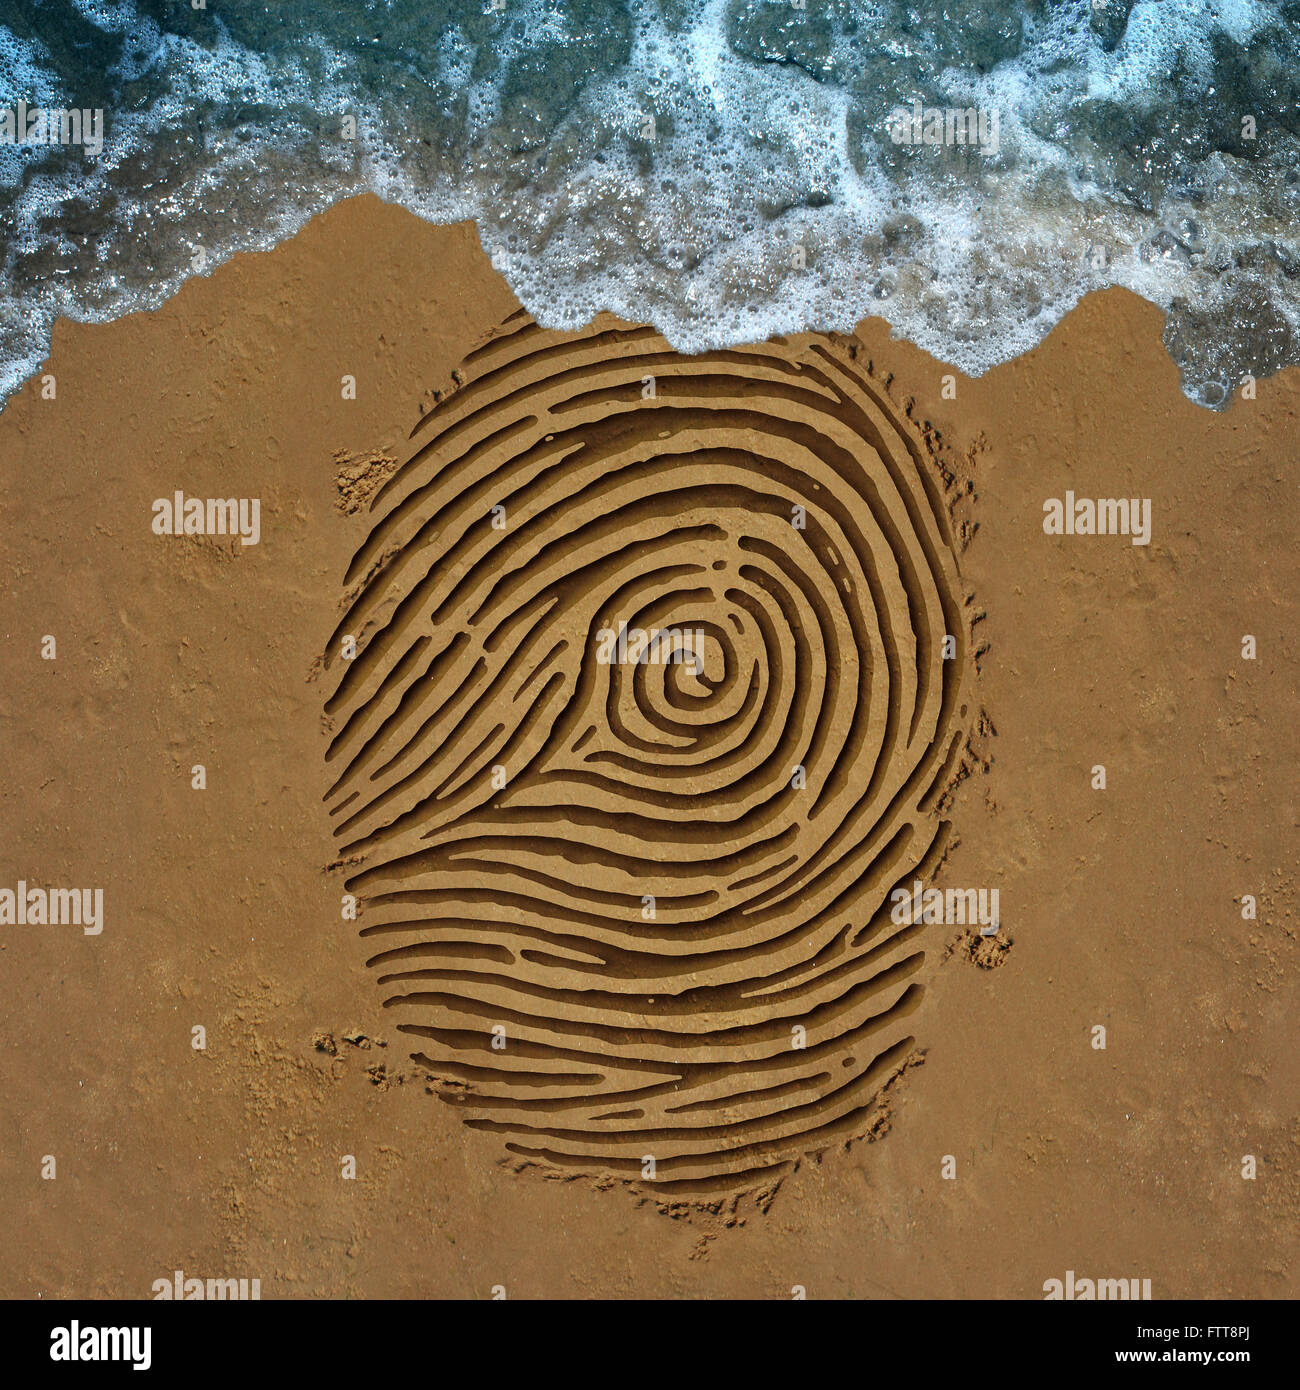 Crisi di identità nozione come un dito pattern di stampa sulla spiaggia di sabbia con un oceano onda lontano Immagini Stock